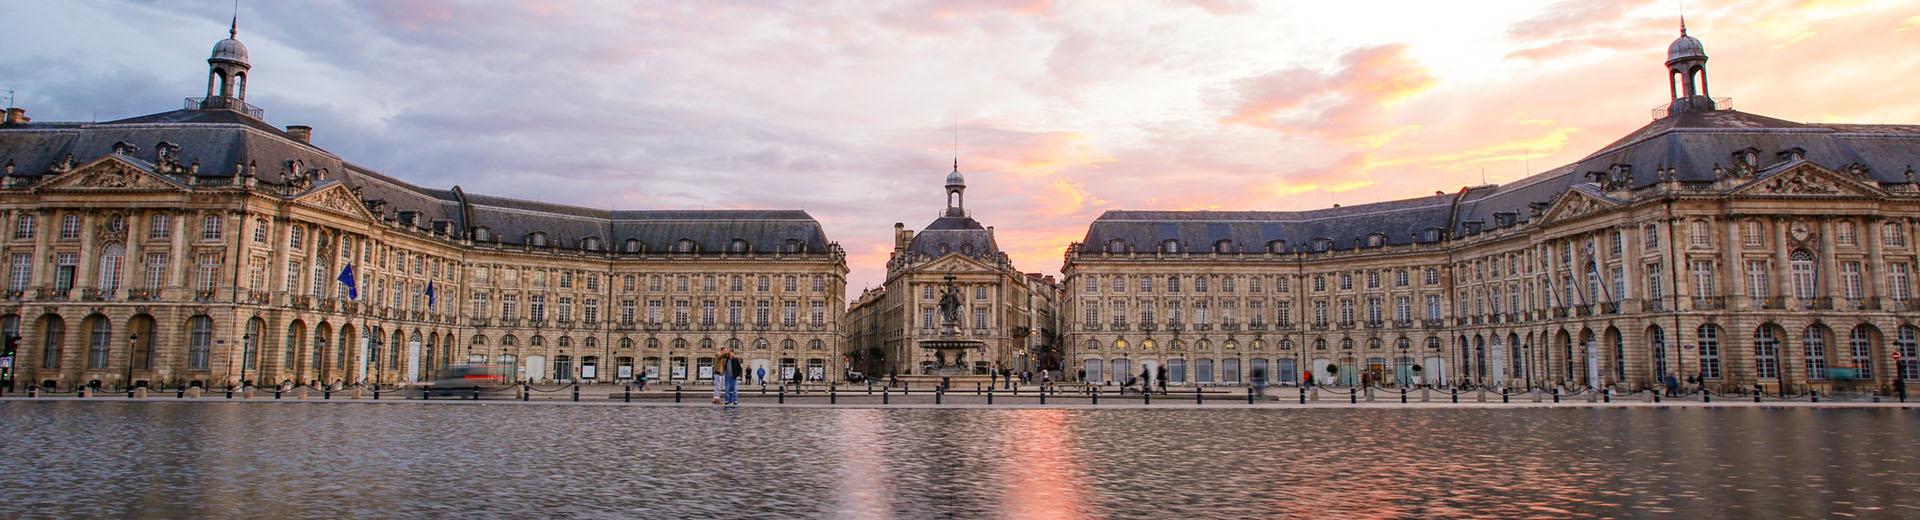 Voyage en groupe Bordeaux - offre économique avion